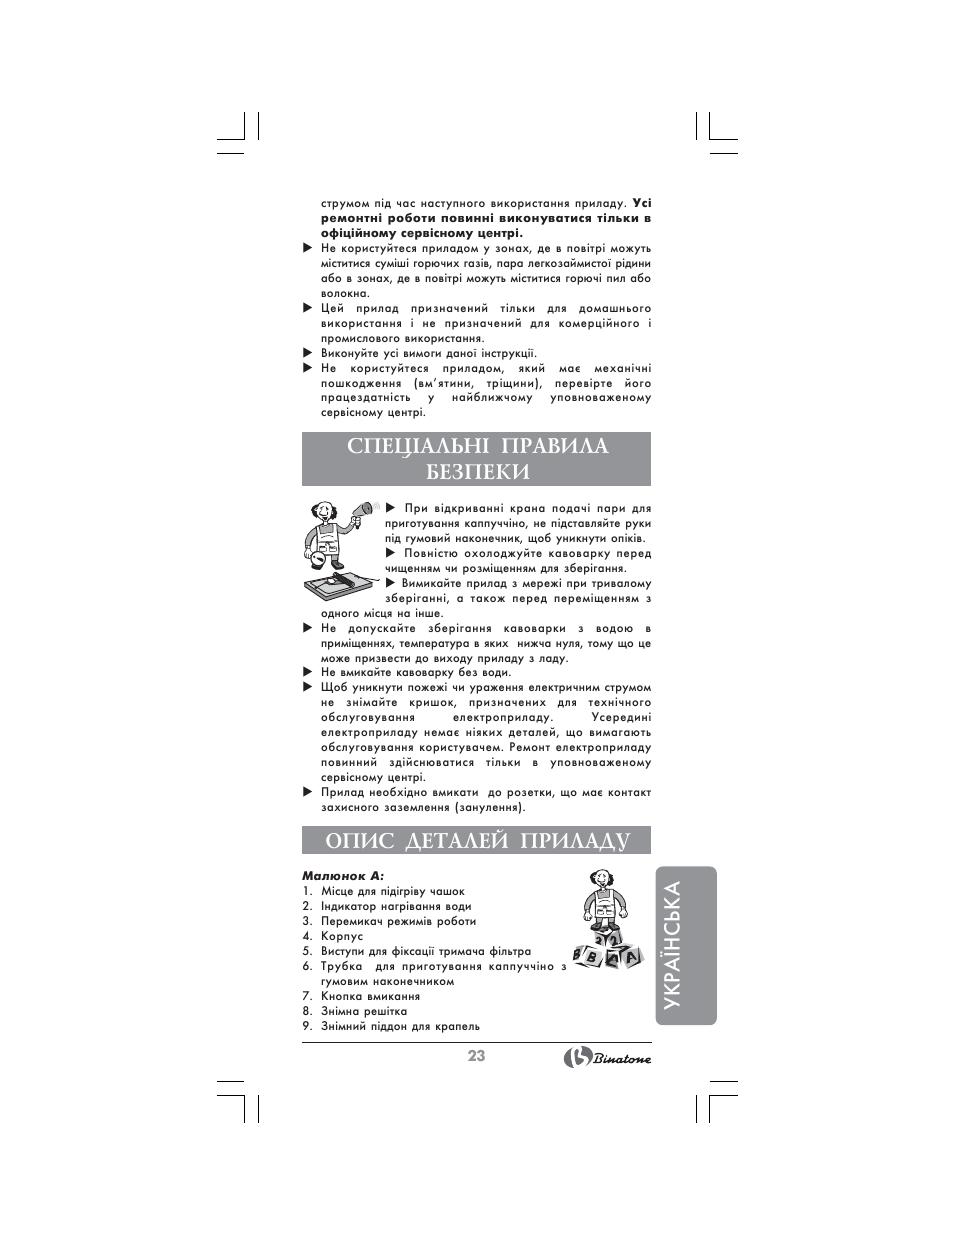 Укра¯нська, Спец²альн² правила безпеки, Опис деталей